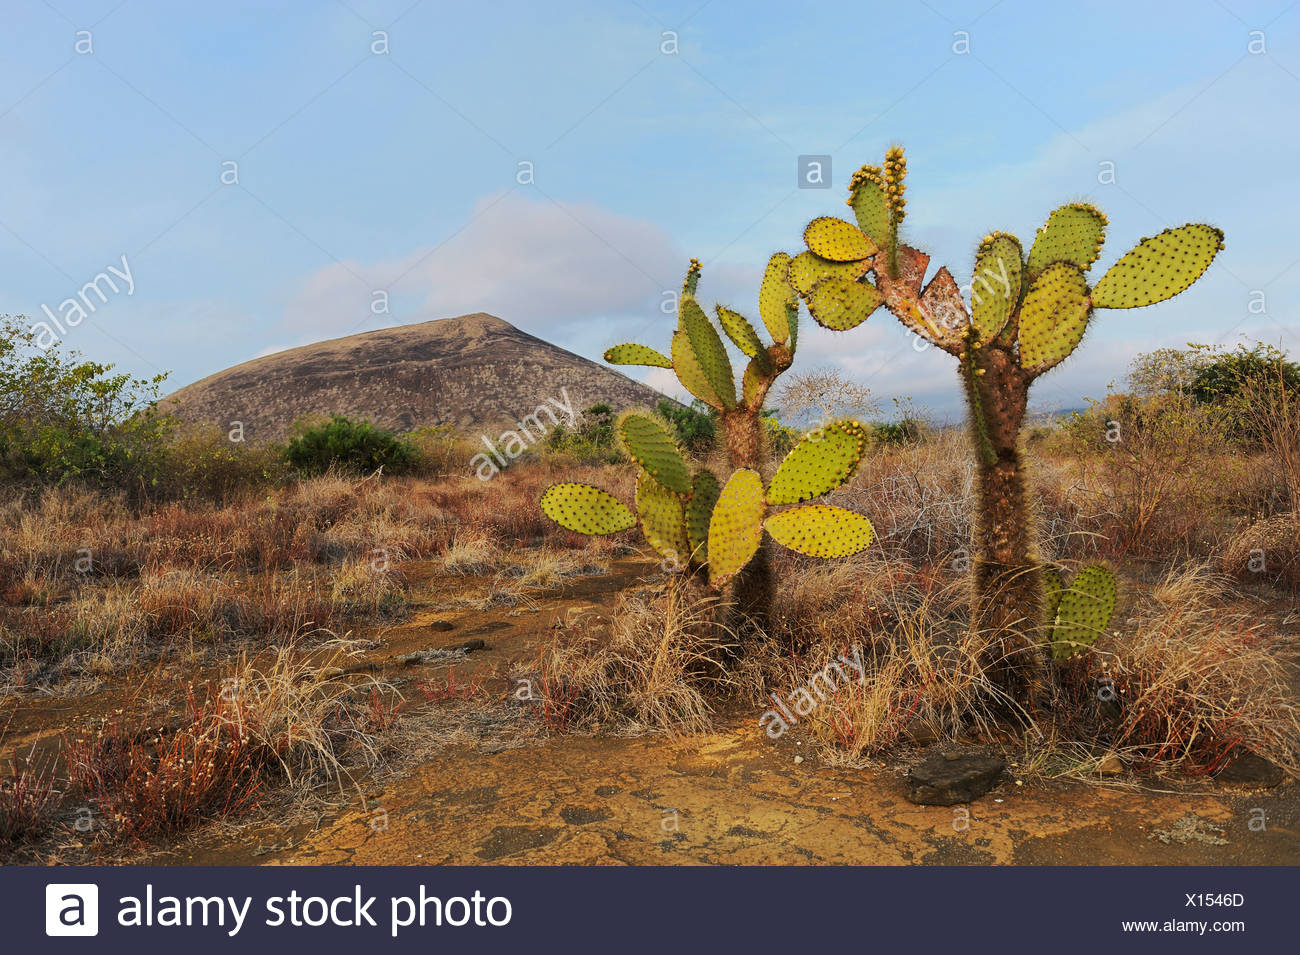 Prickly pear cactus (Opuntia echios), Puerto Egas Bay, Santiago Island, Galapagos Islands, Ecuador, South America Stock Photo